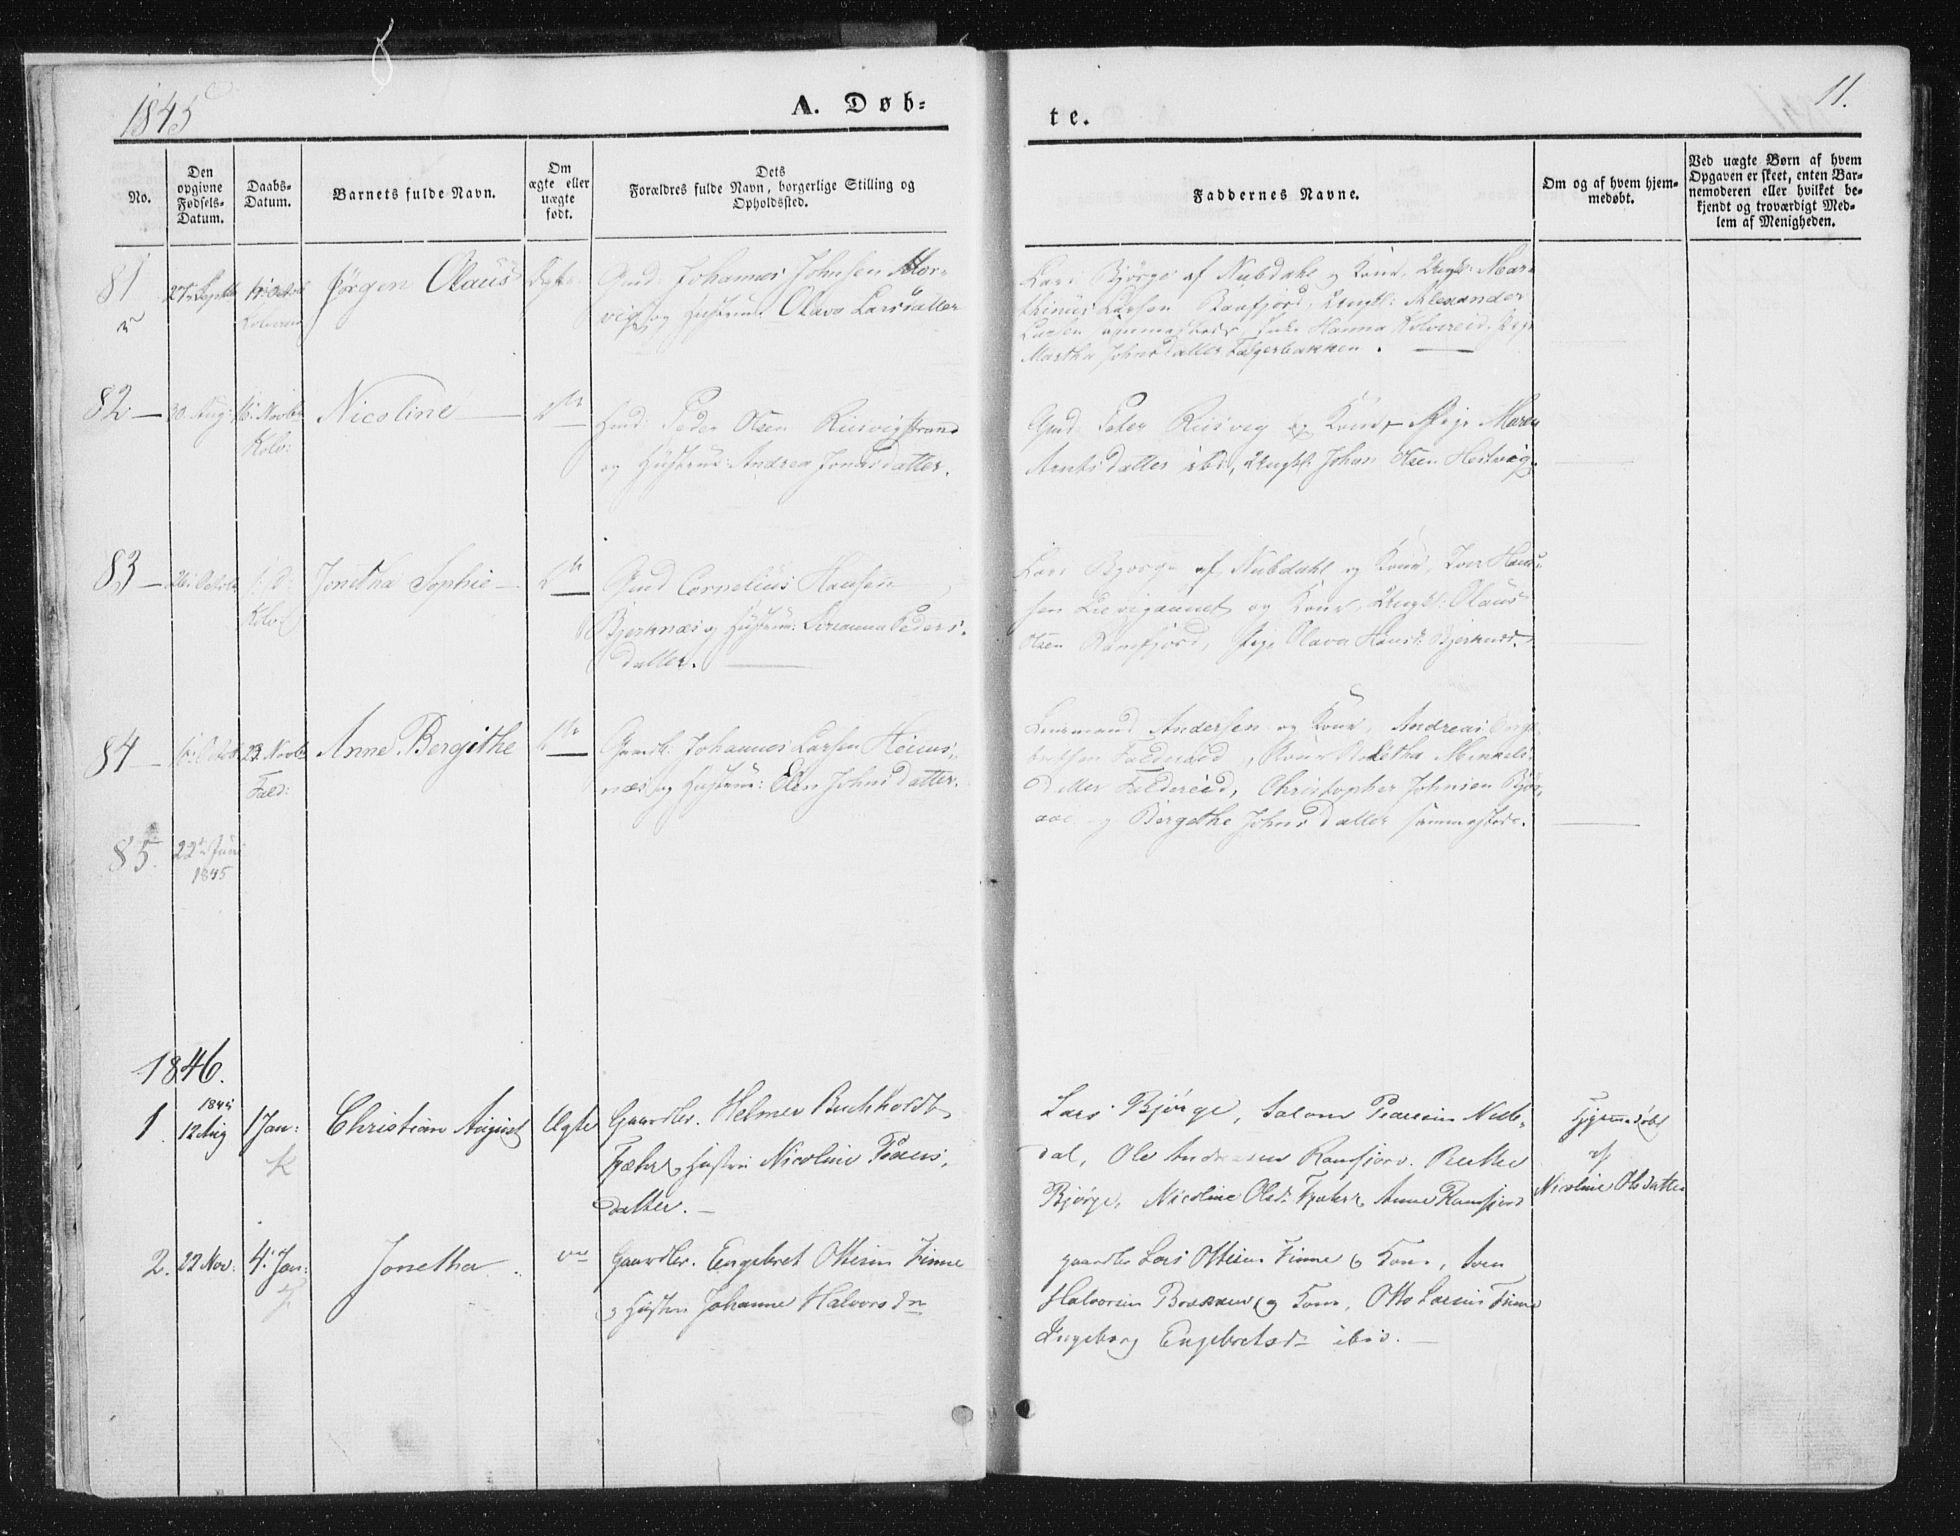 SAT, Ministerialprotokoller, klokkerbøker og fødselsregistre - Nord-Trøndelag, 780/L0640: Ministerialbok nr. 780A05, 1845-1856, s. 11